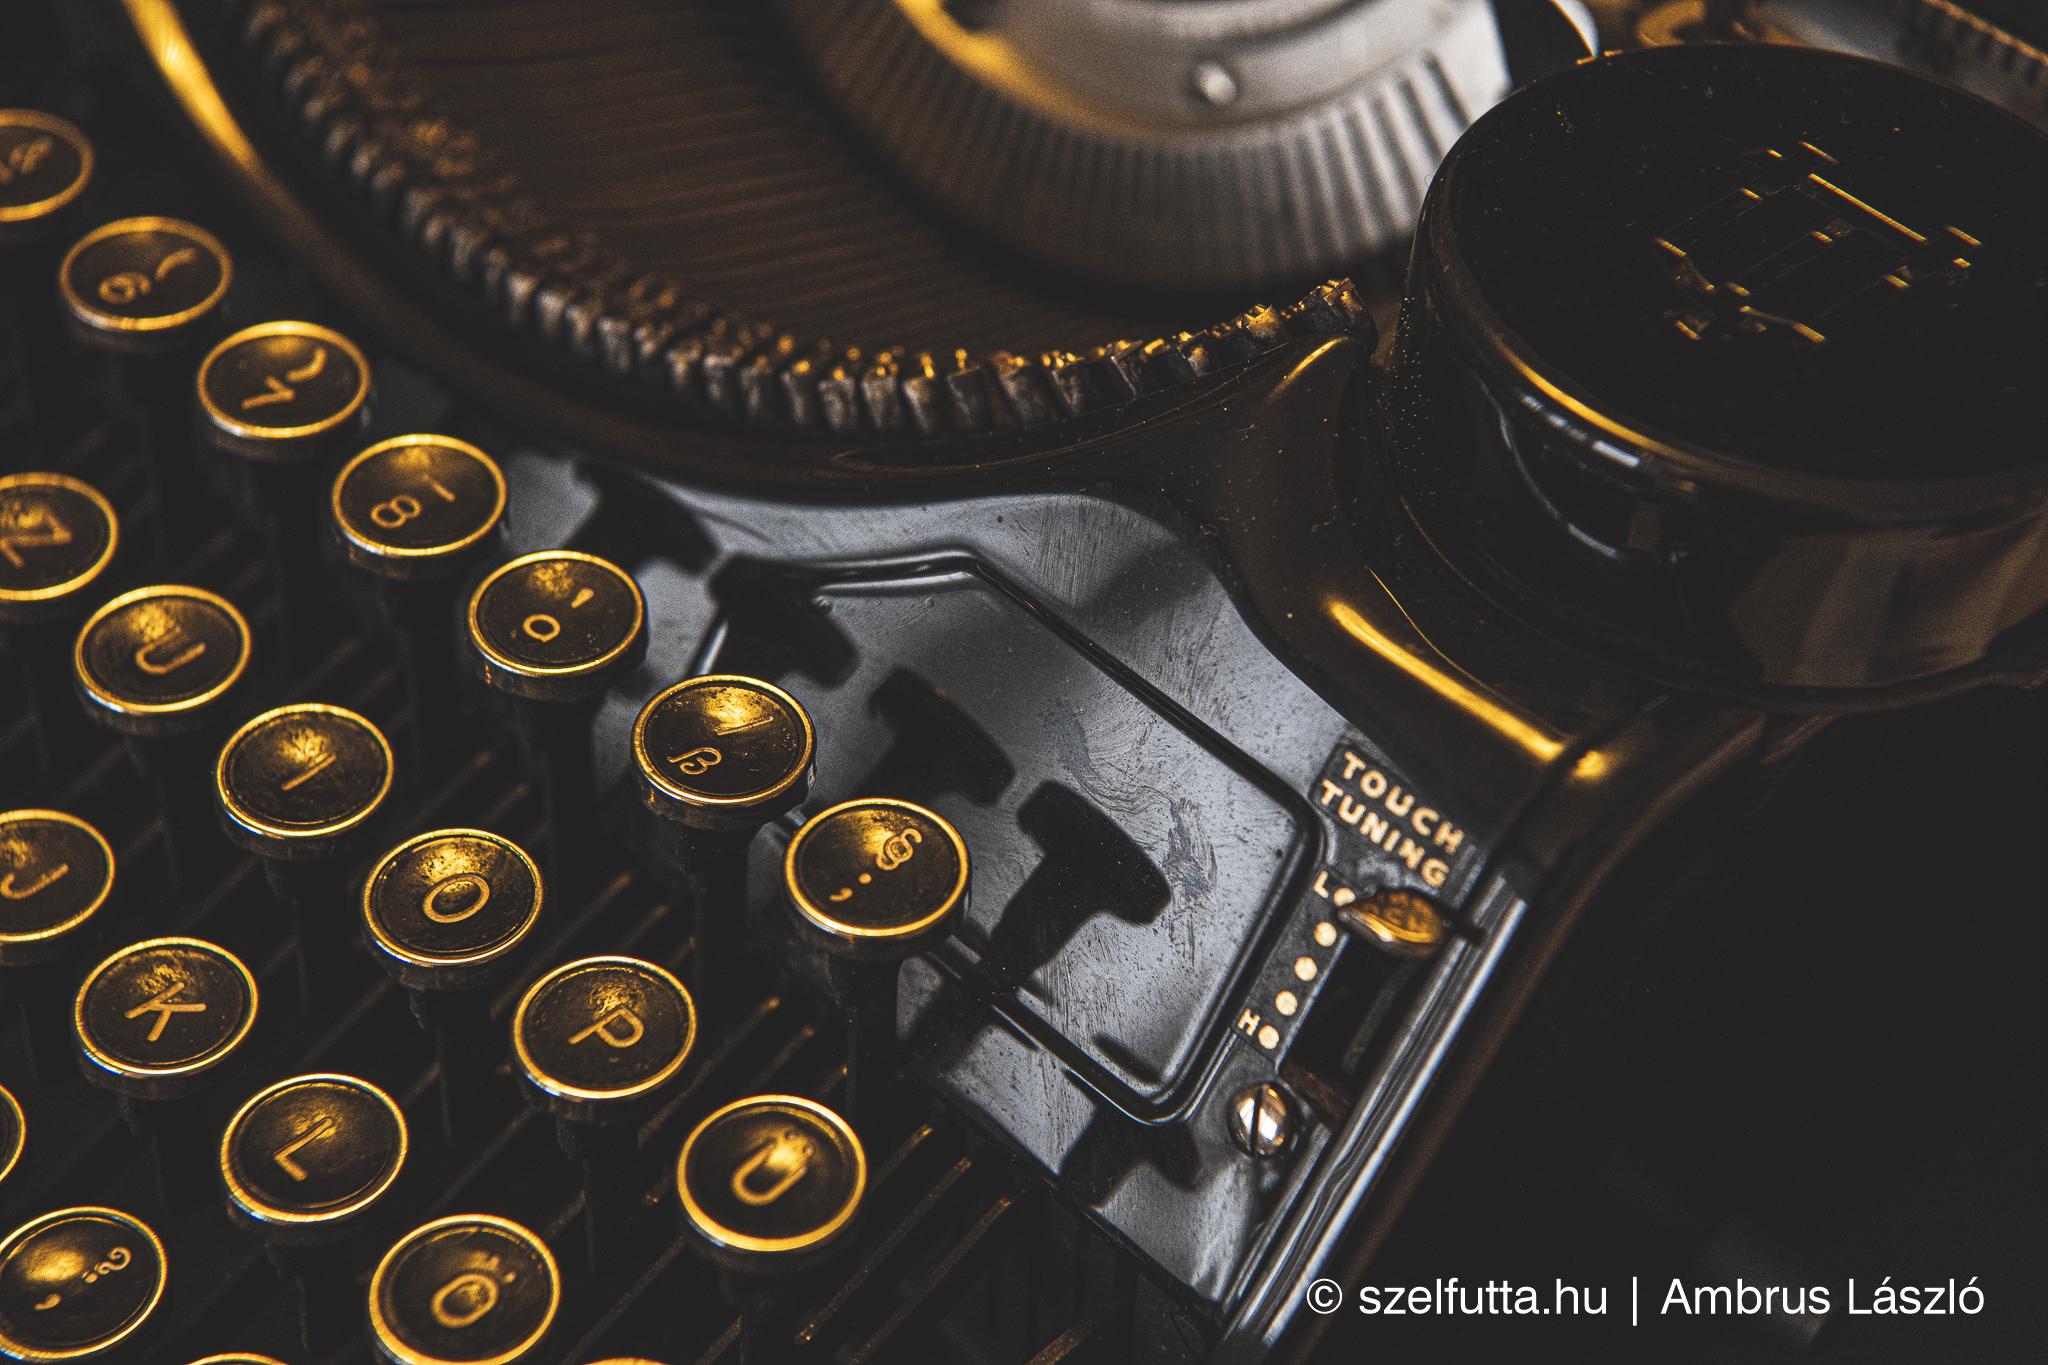 Underwood universal typewriter